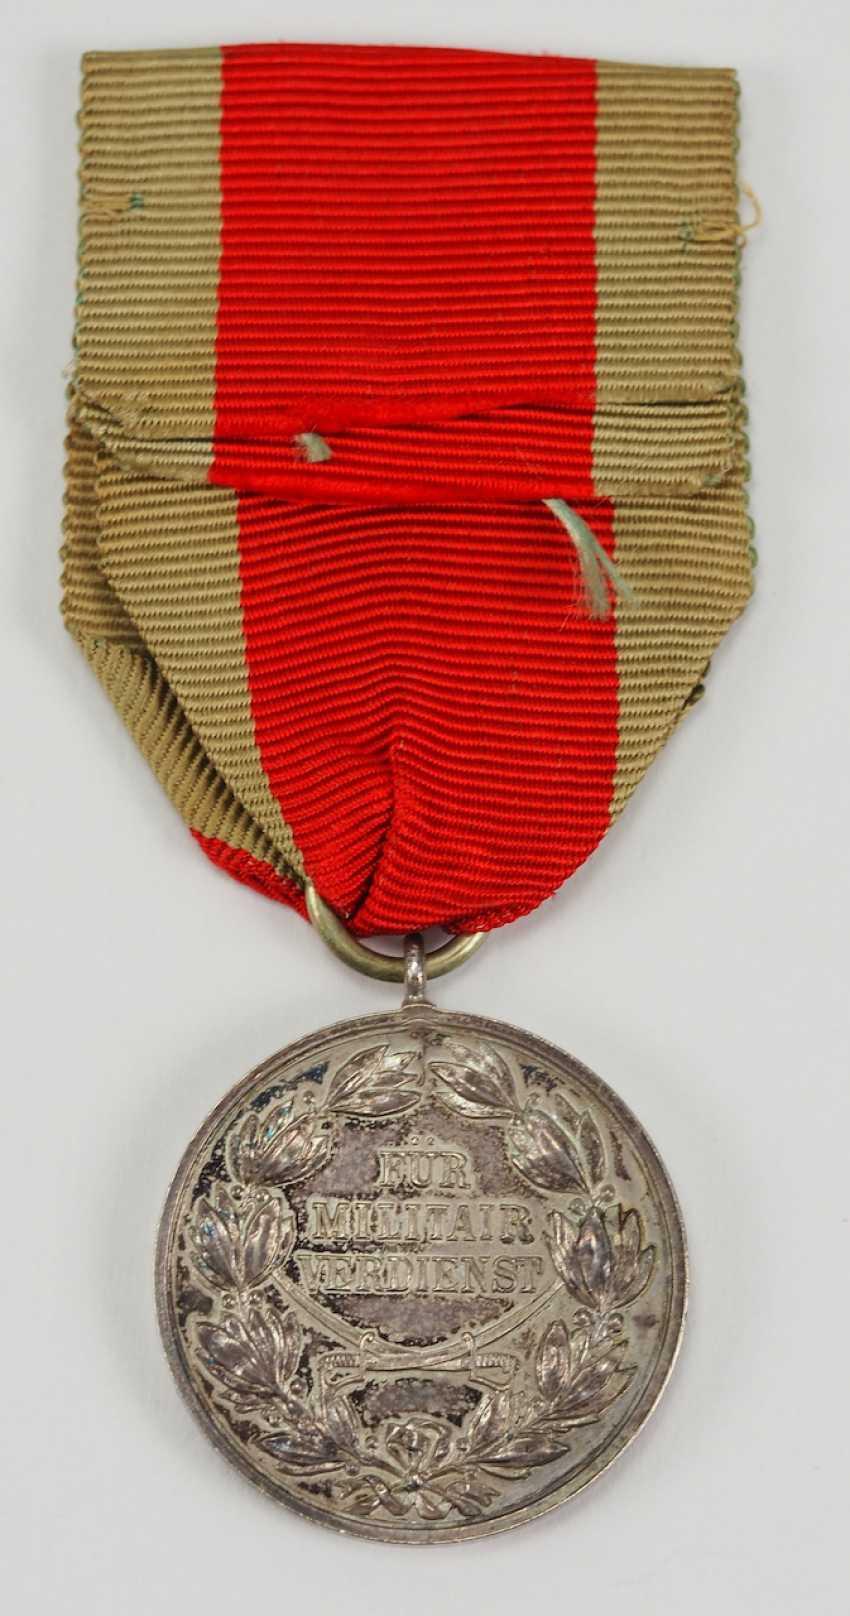 Schaumburg-Lippe: Argent Militärverdienst Médaille, avec des Épées croisées. - photo 3